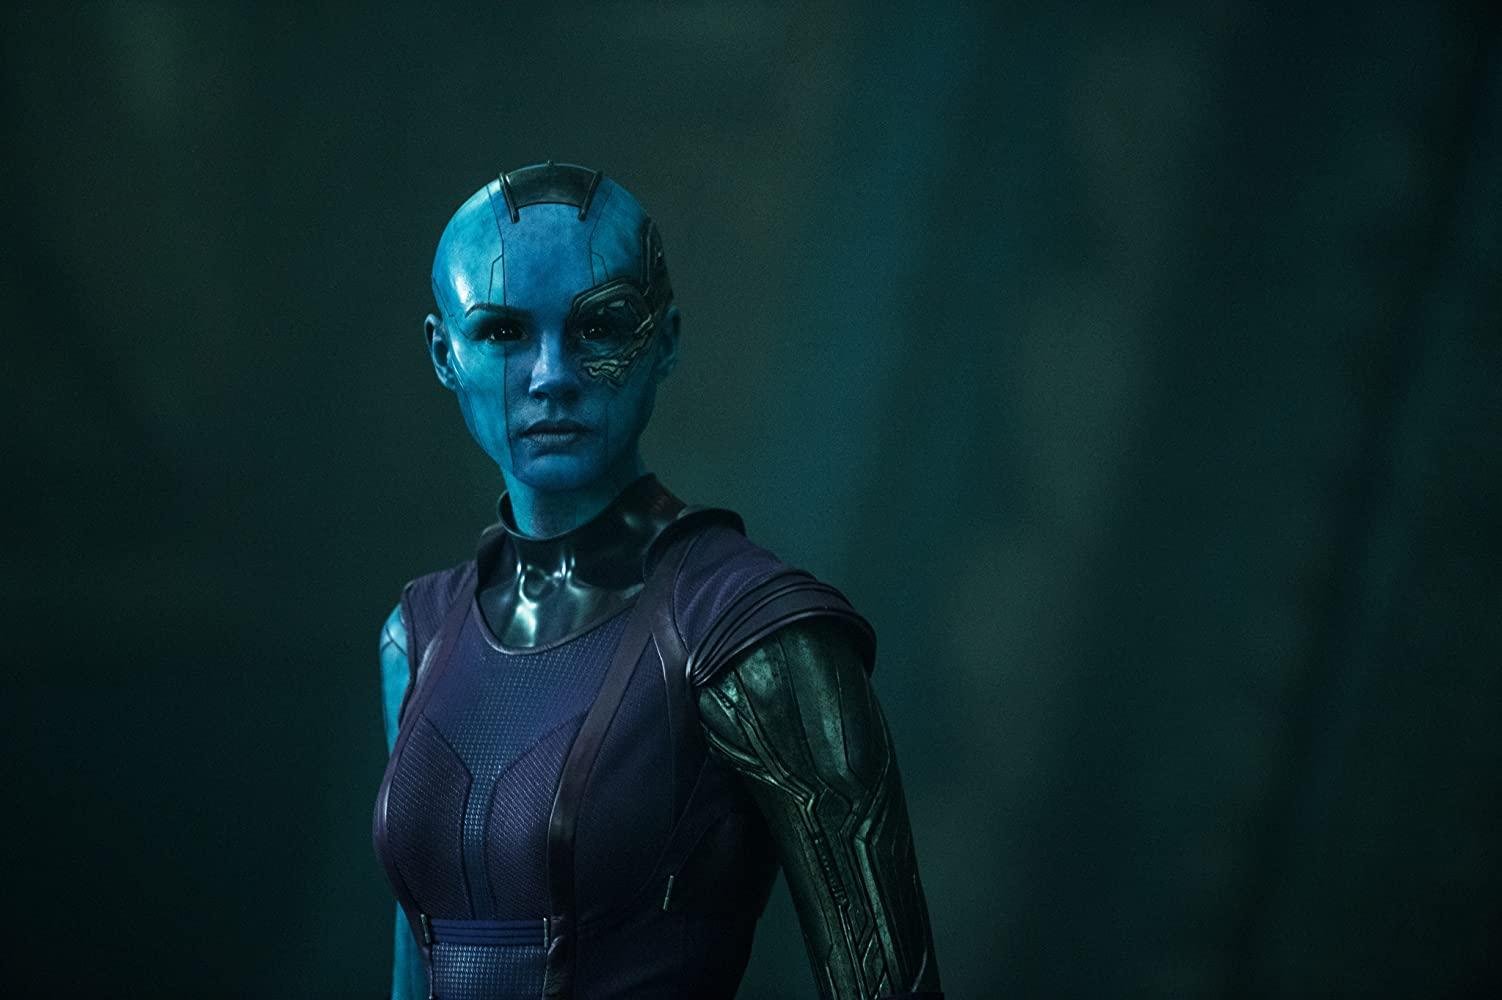 凱倫吉蘭飾演《星際異攻隊》涅布拉一角。